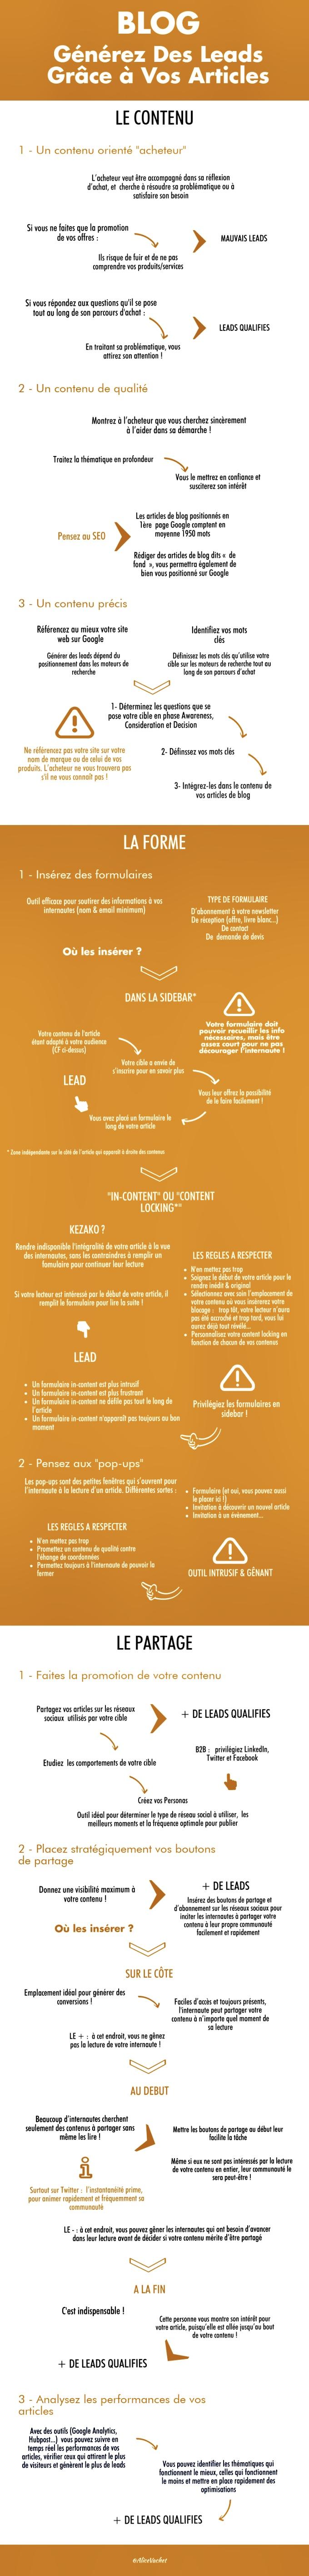 [Infographie] Content Marketing : Générez Des Leads Grâce à Vos Articles de Blog☝🏻